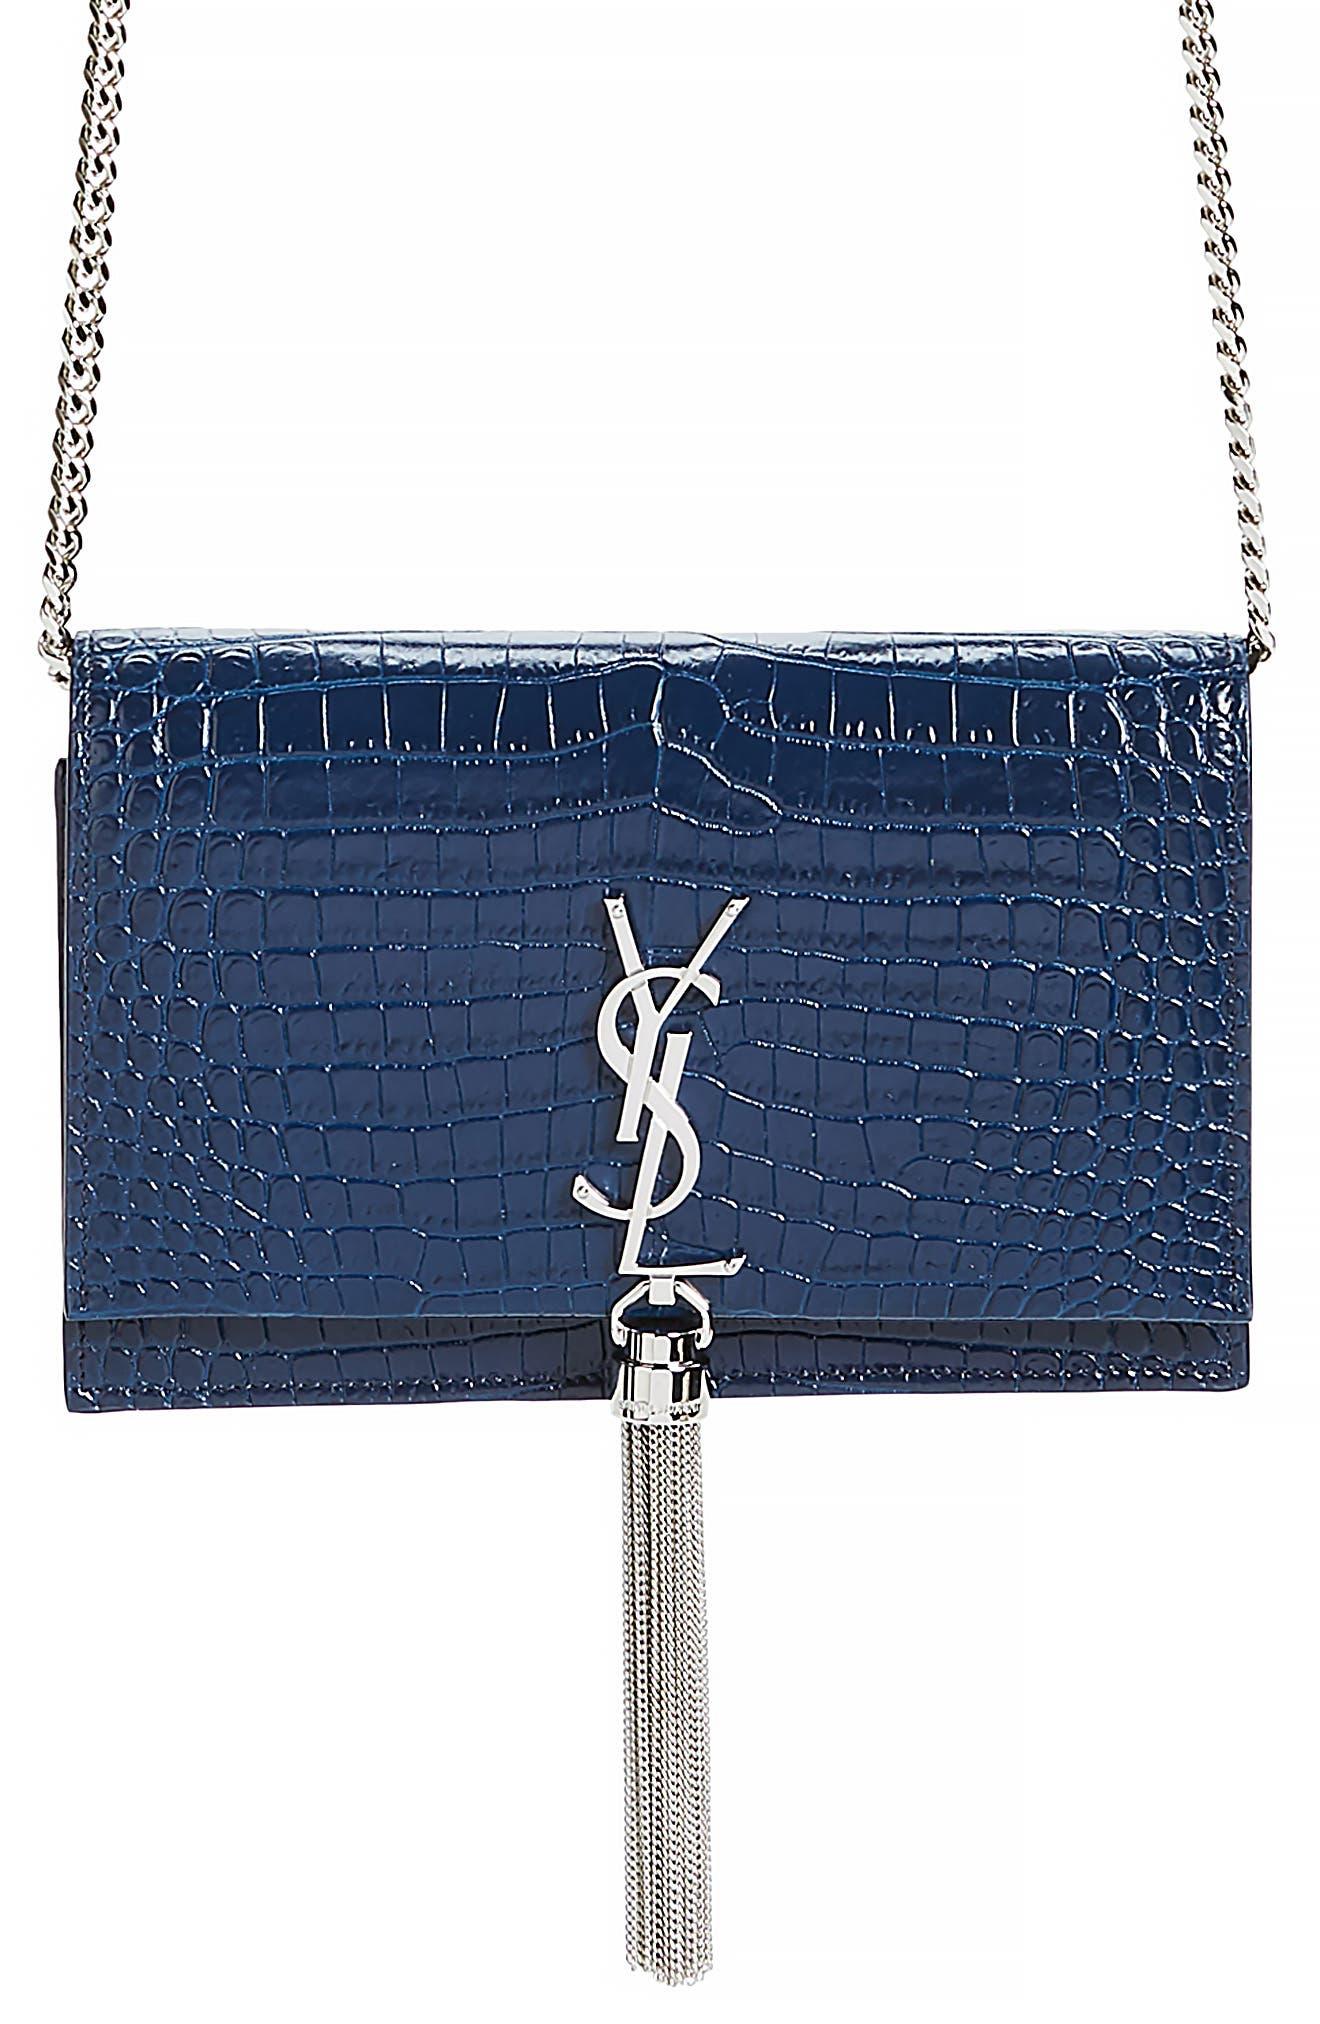 SAINT LAURENT, Kate Croc Embossed Leather Wallet on a Chain, Main thumbnail 1, color, DENIM BLUE/ DENIM BLUE